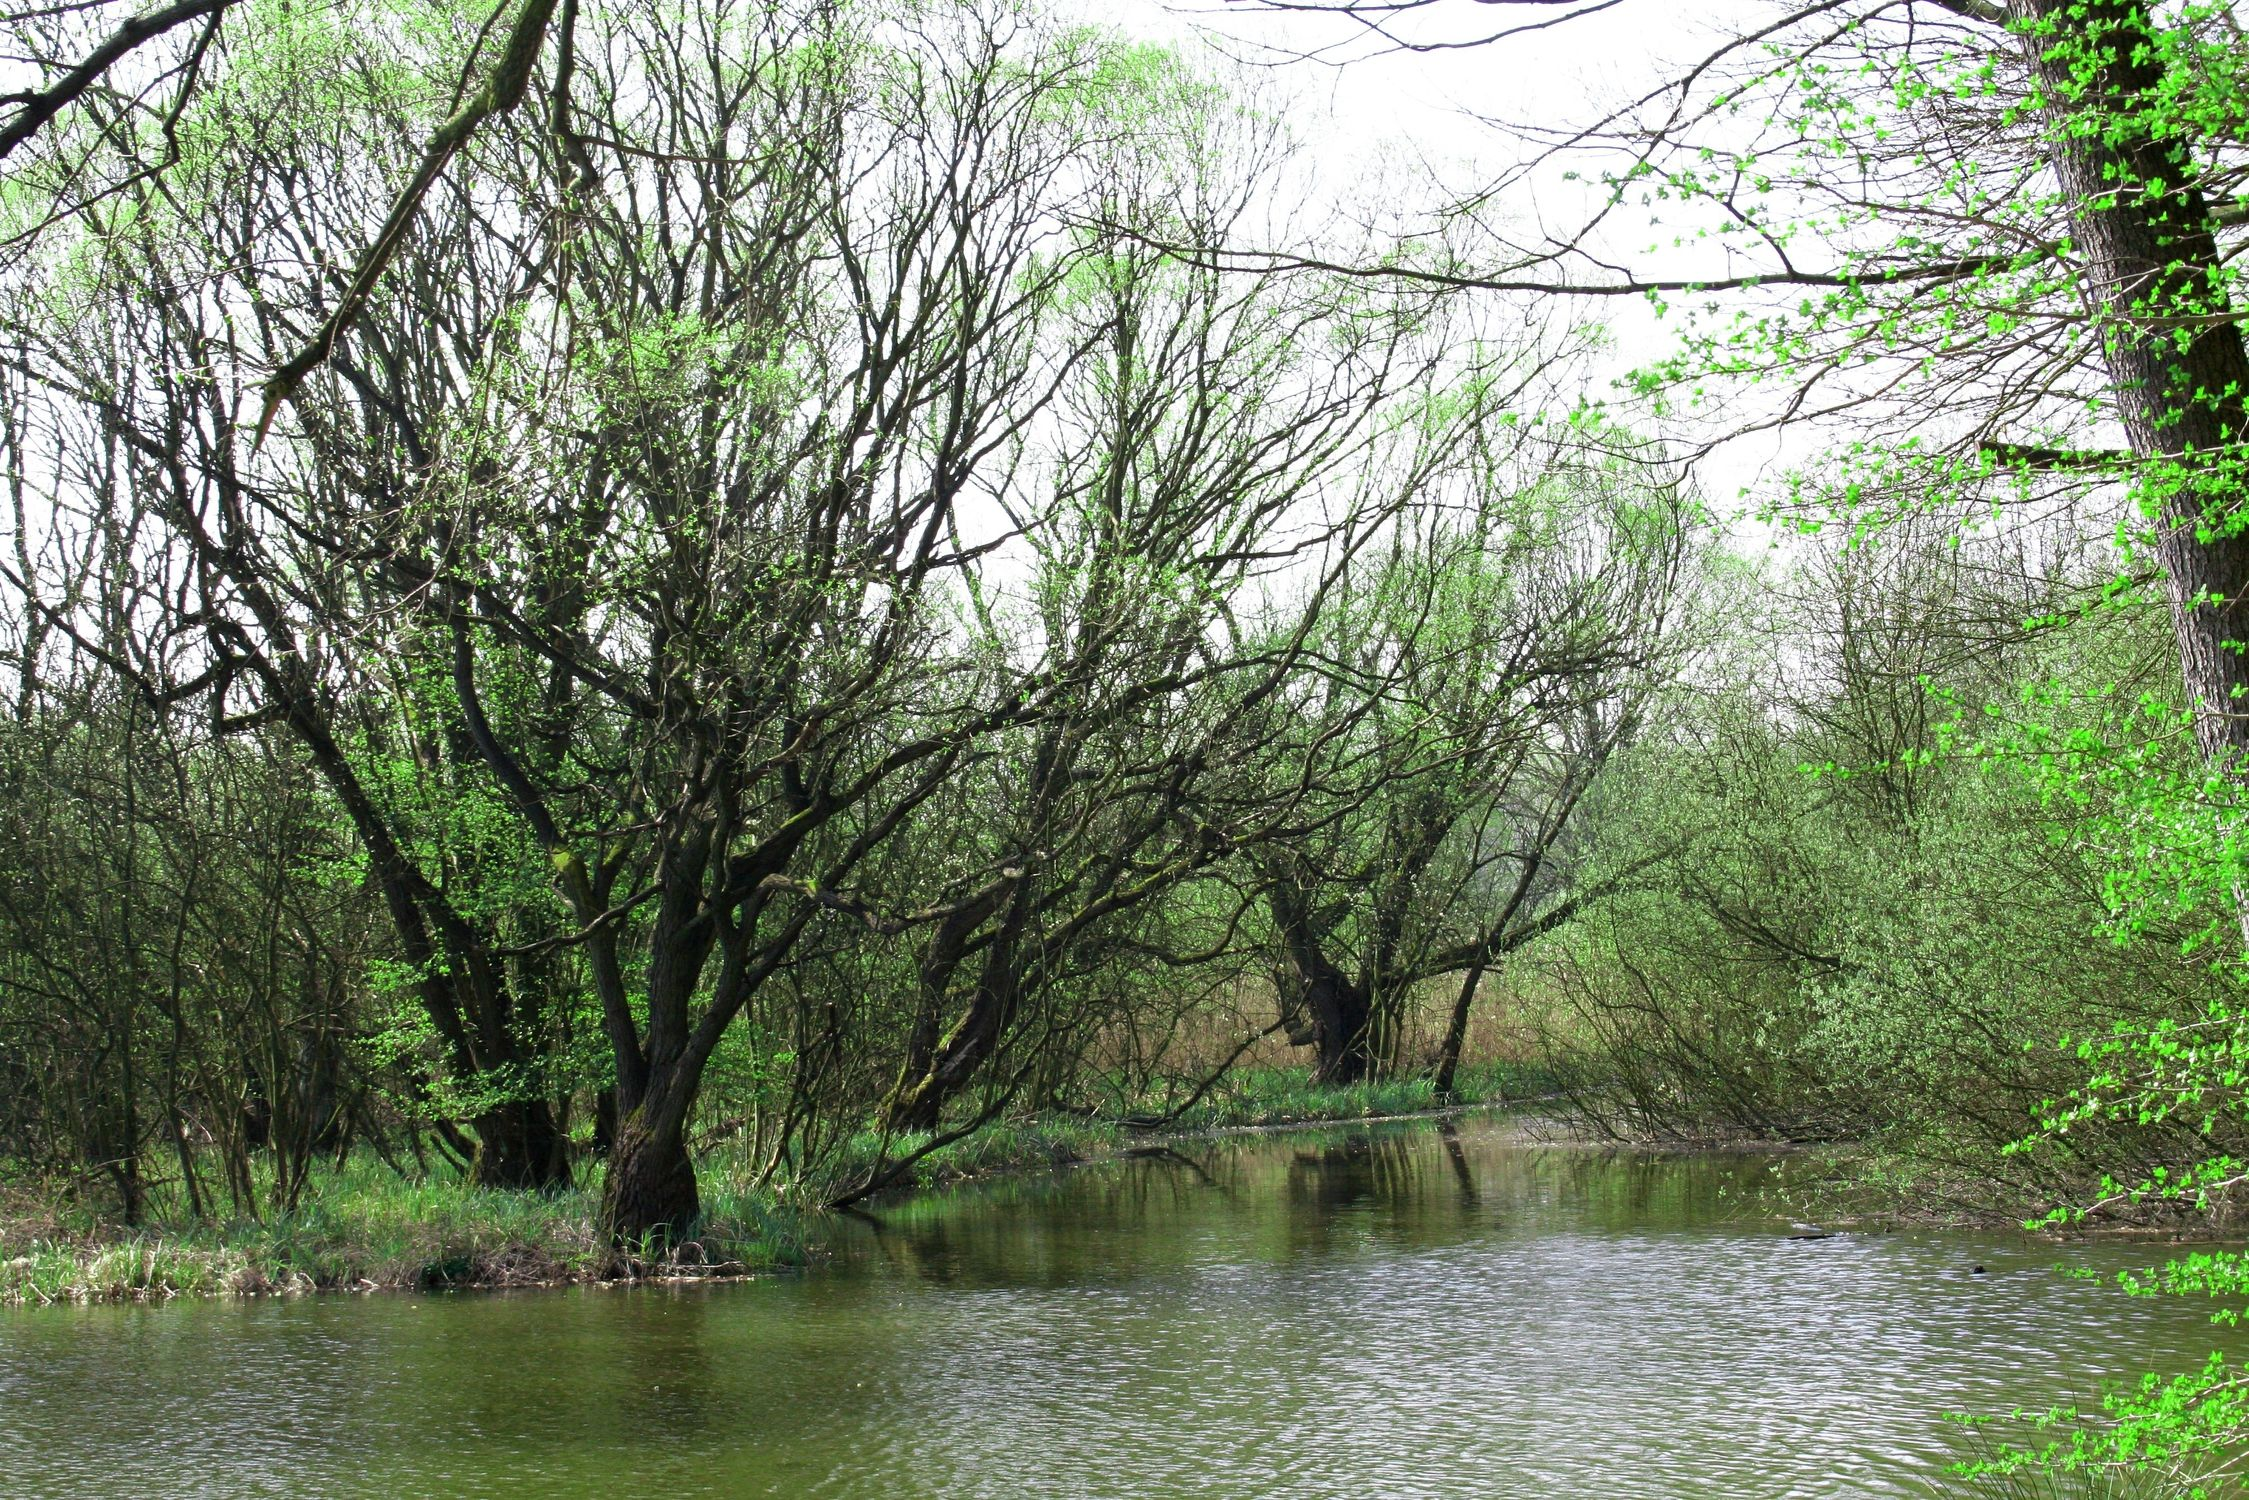 Bild mit Farben, Natur, Grün, Pflanzen, Landschaften, Bäume, Gewässer, Küsten und Ufer, Wälder, Seen, Flüsse, Sümpfe